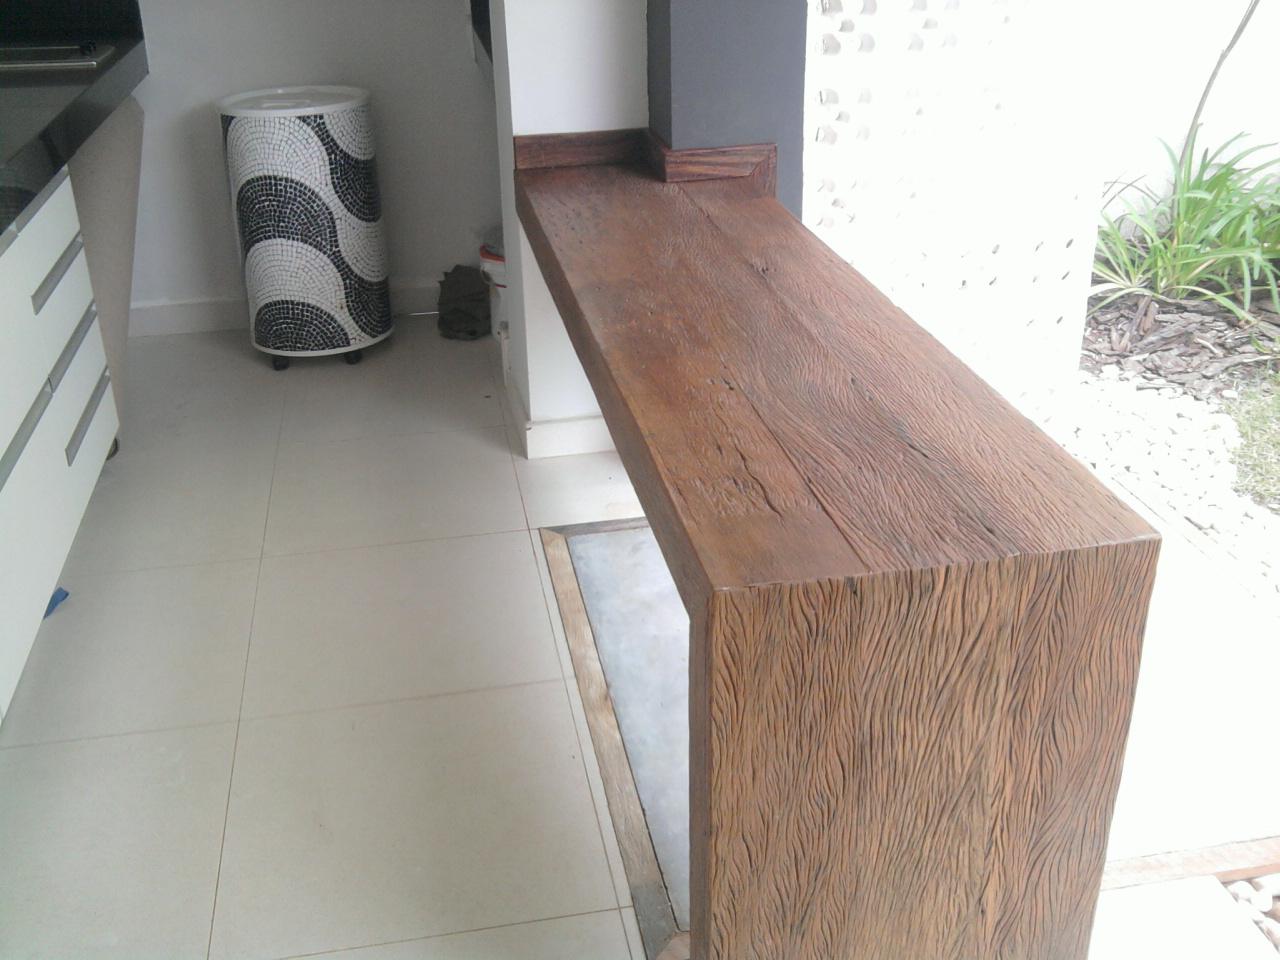 Movel rustico u2013 Aparador u2013 Movel madeira demolicao Madeira de Demoliç u00e3o